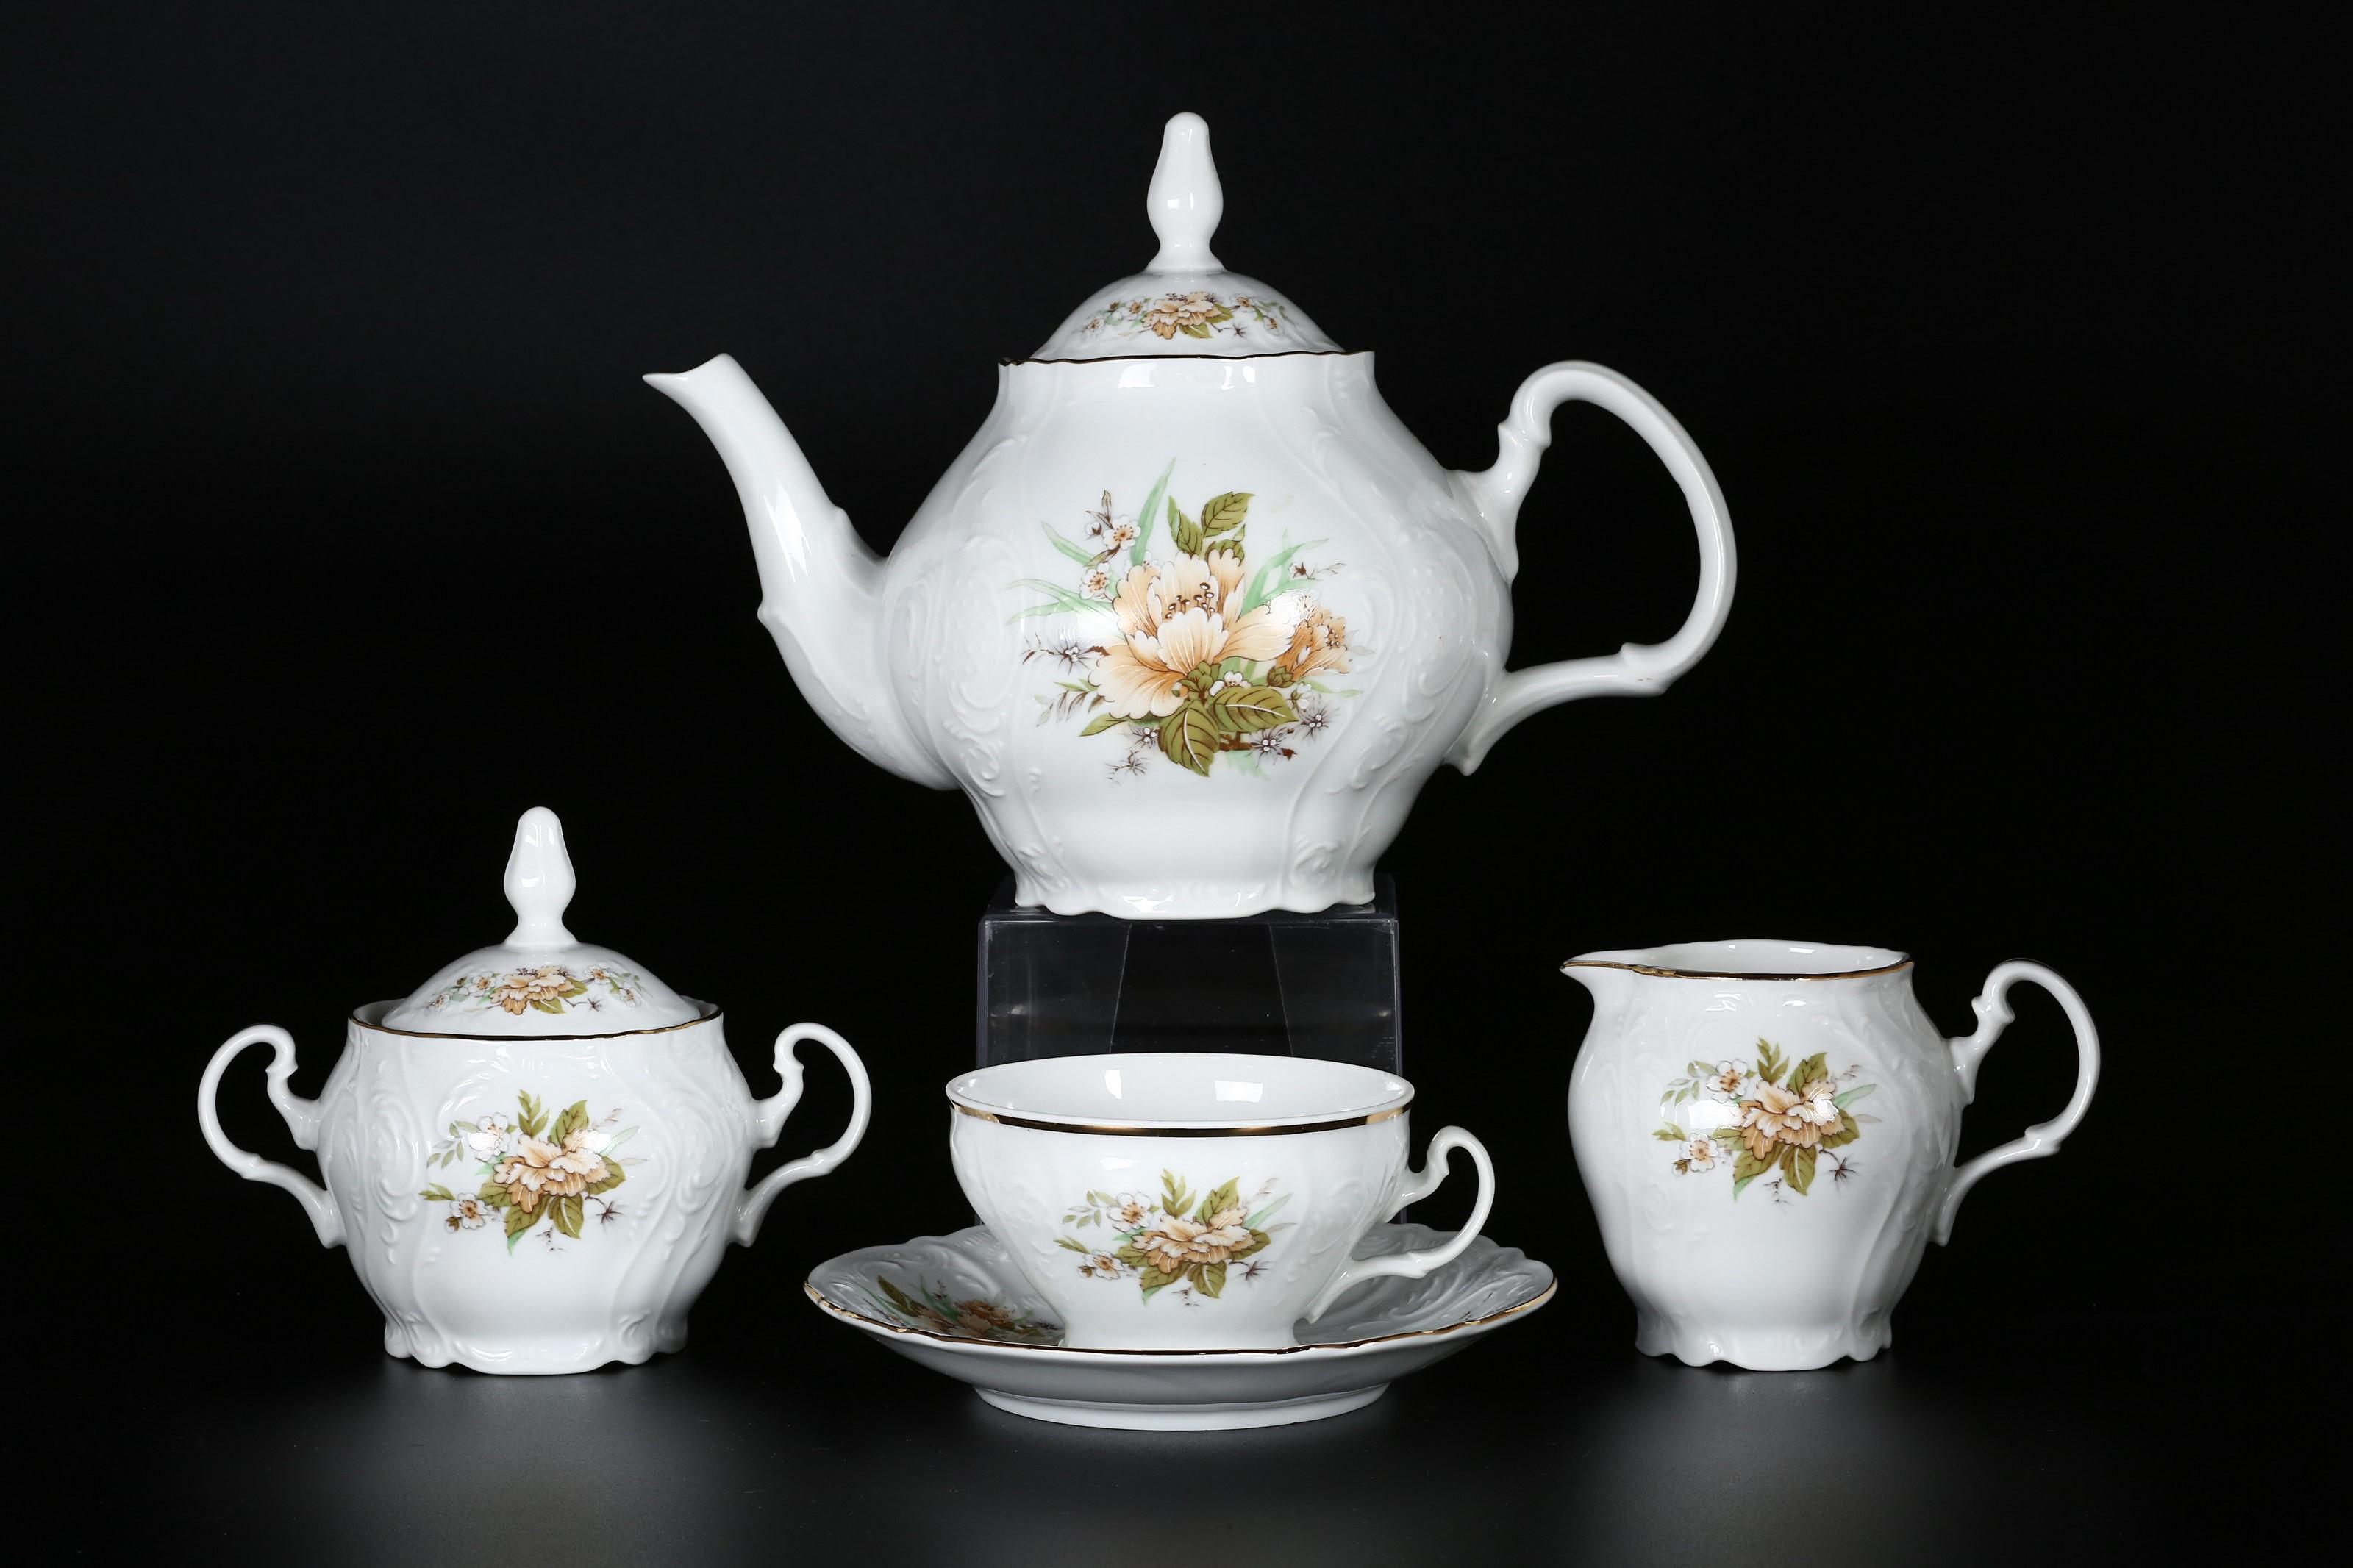 Чайный сервиз ЗЕЛЕНЫЙ ЦВЕТОК от Bernadotte на 6 персон, 17 предметов